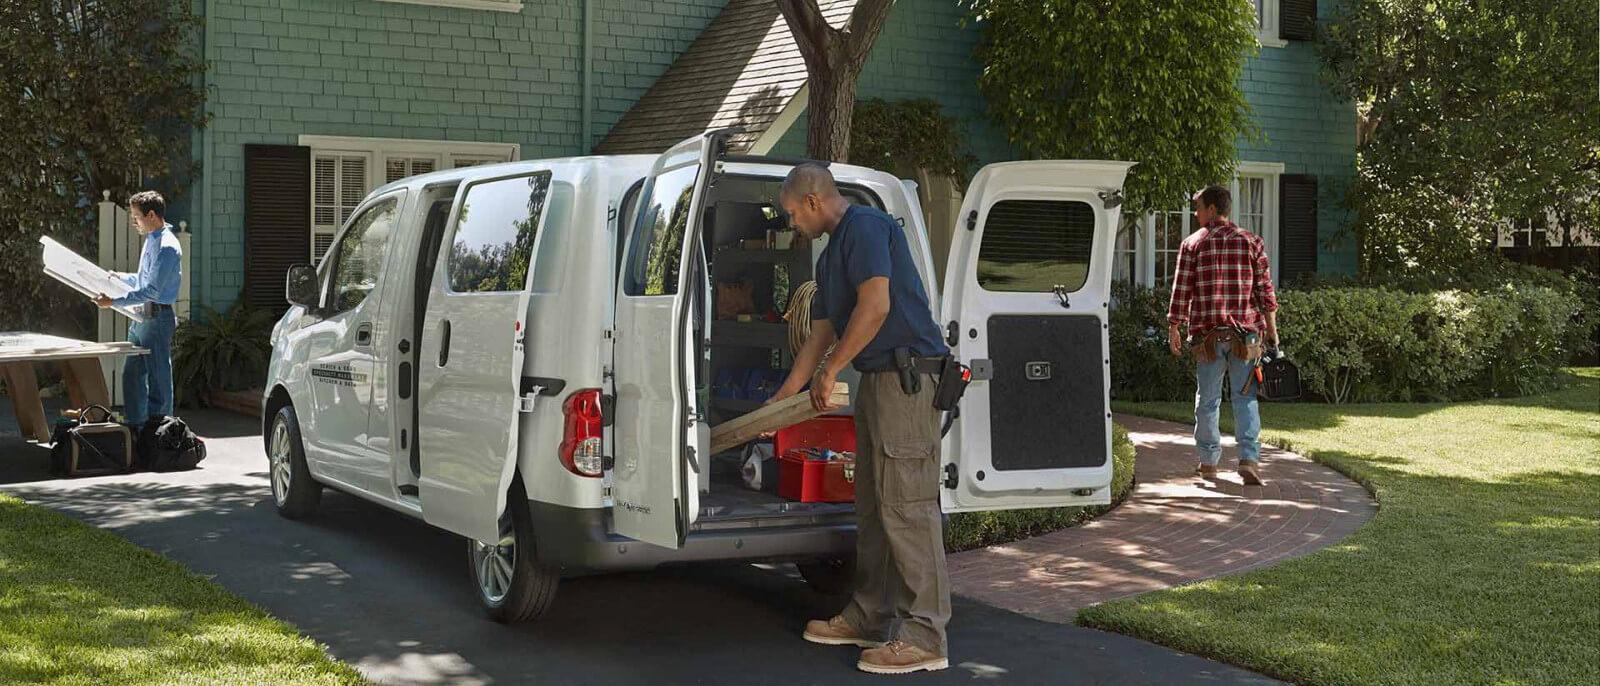 2016 Chevrolet City Express exterior and cargo